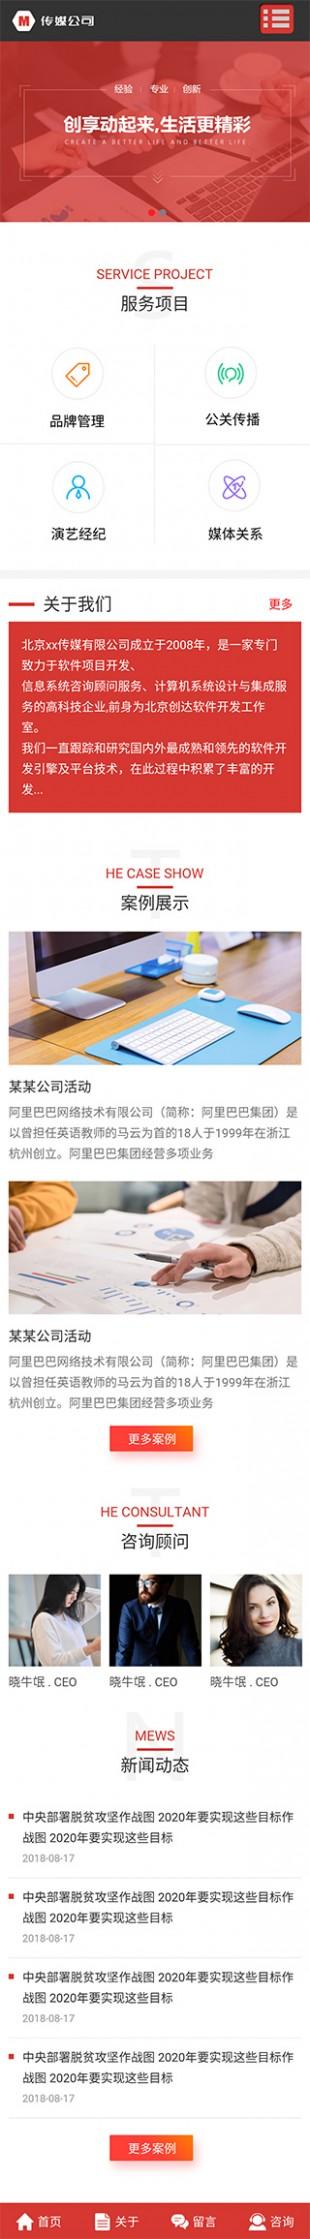 文化传媒网站建设模板手机图片